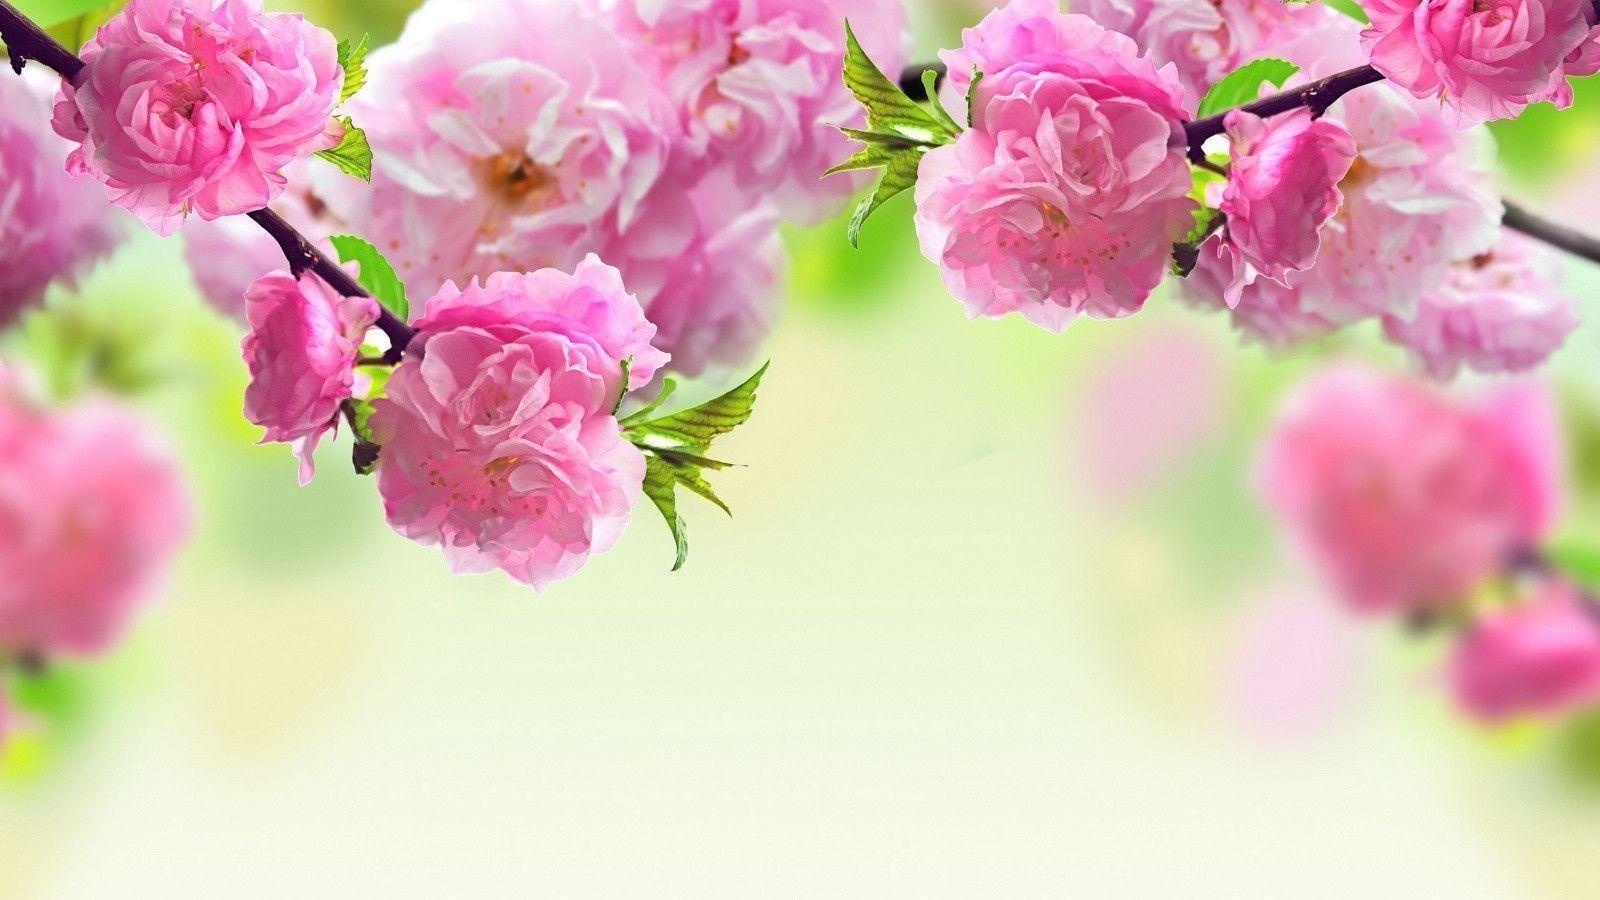 10 New Spring Flowers Background Desktop Full Hd 1920 1080 For Pc Desktop Spring Flowers Wallpaper Spring Desktop Wallpaper Spring Flowers Background